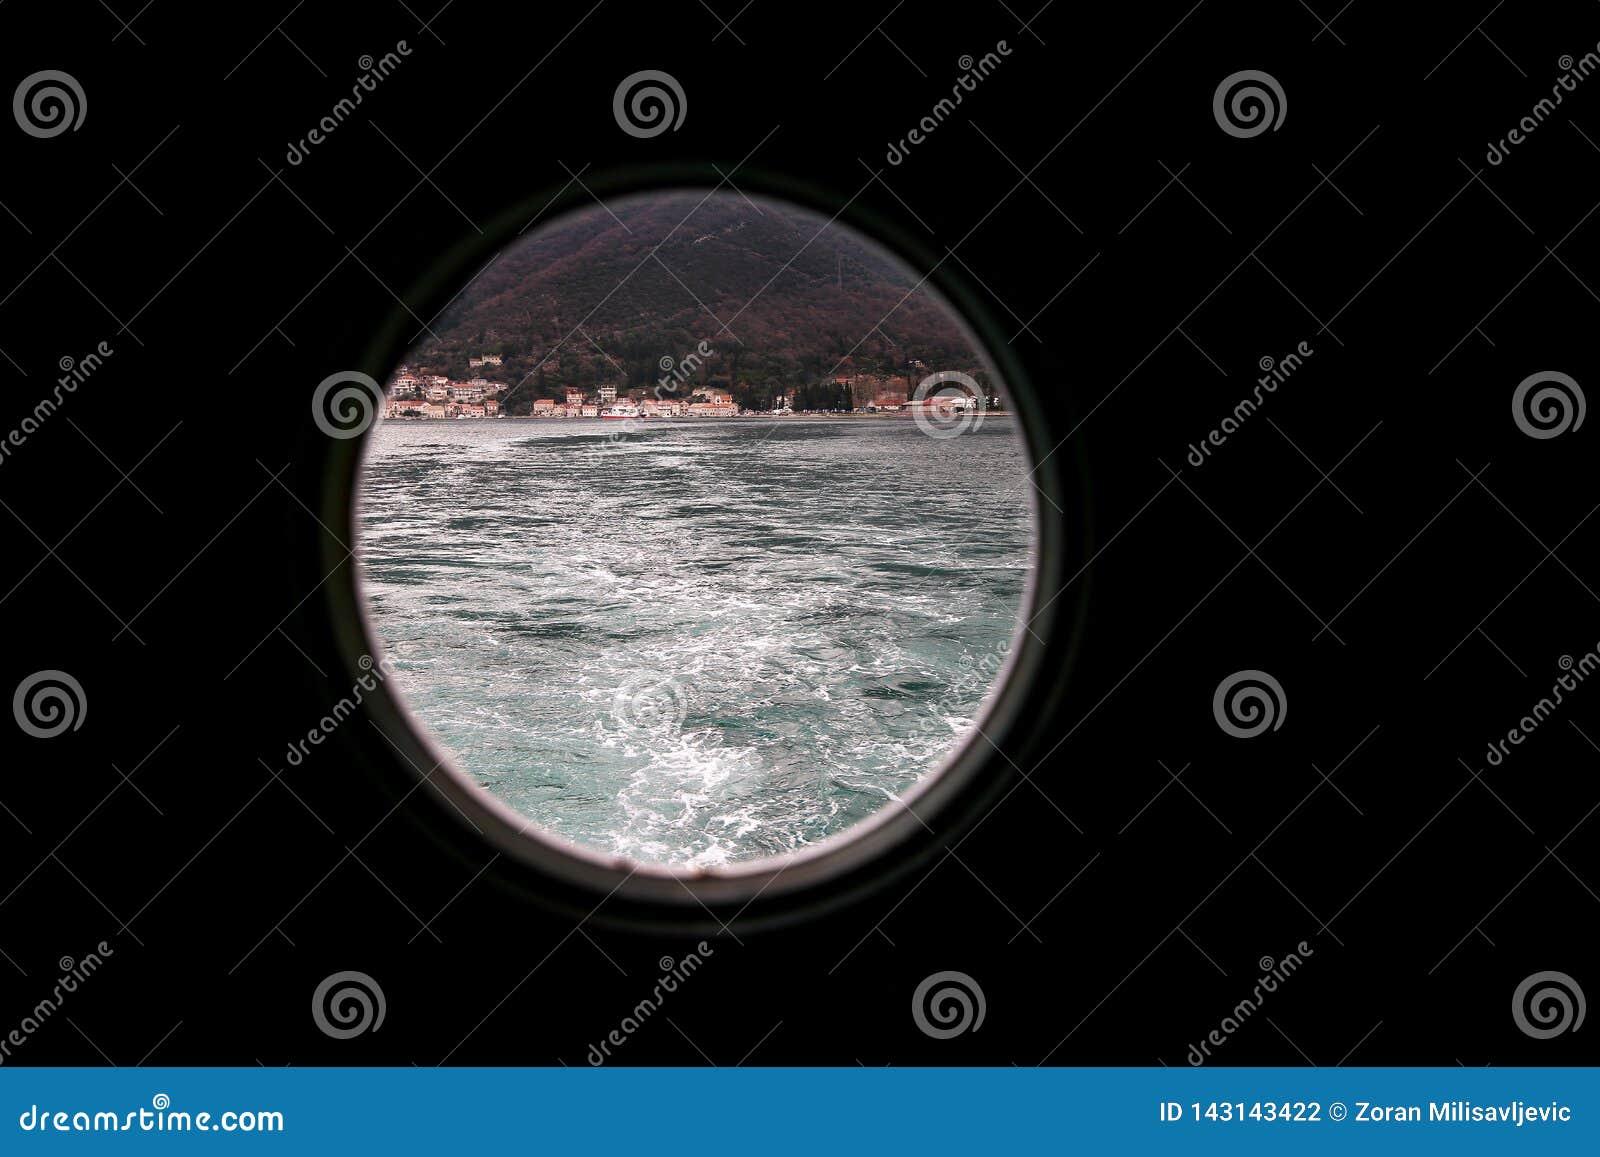 Αρθρωμένος γύρω από το παράθυρο, κάλυψη θύελλας στο σκάφος που κοιτάζει έξω στη Μεσόγειο Άποψη παραφωτίδων μέσω του παραθύρου στο